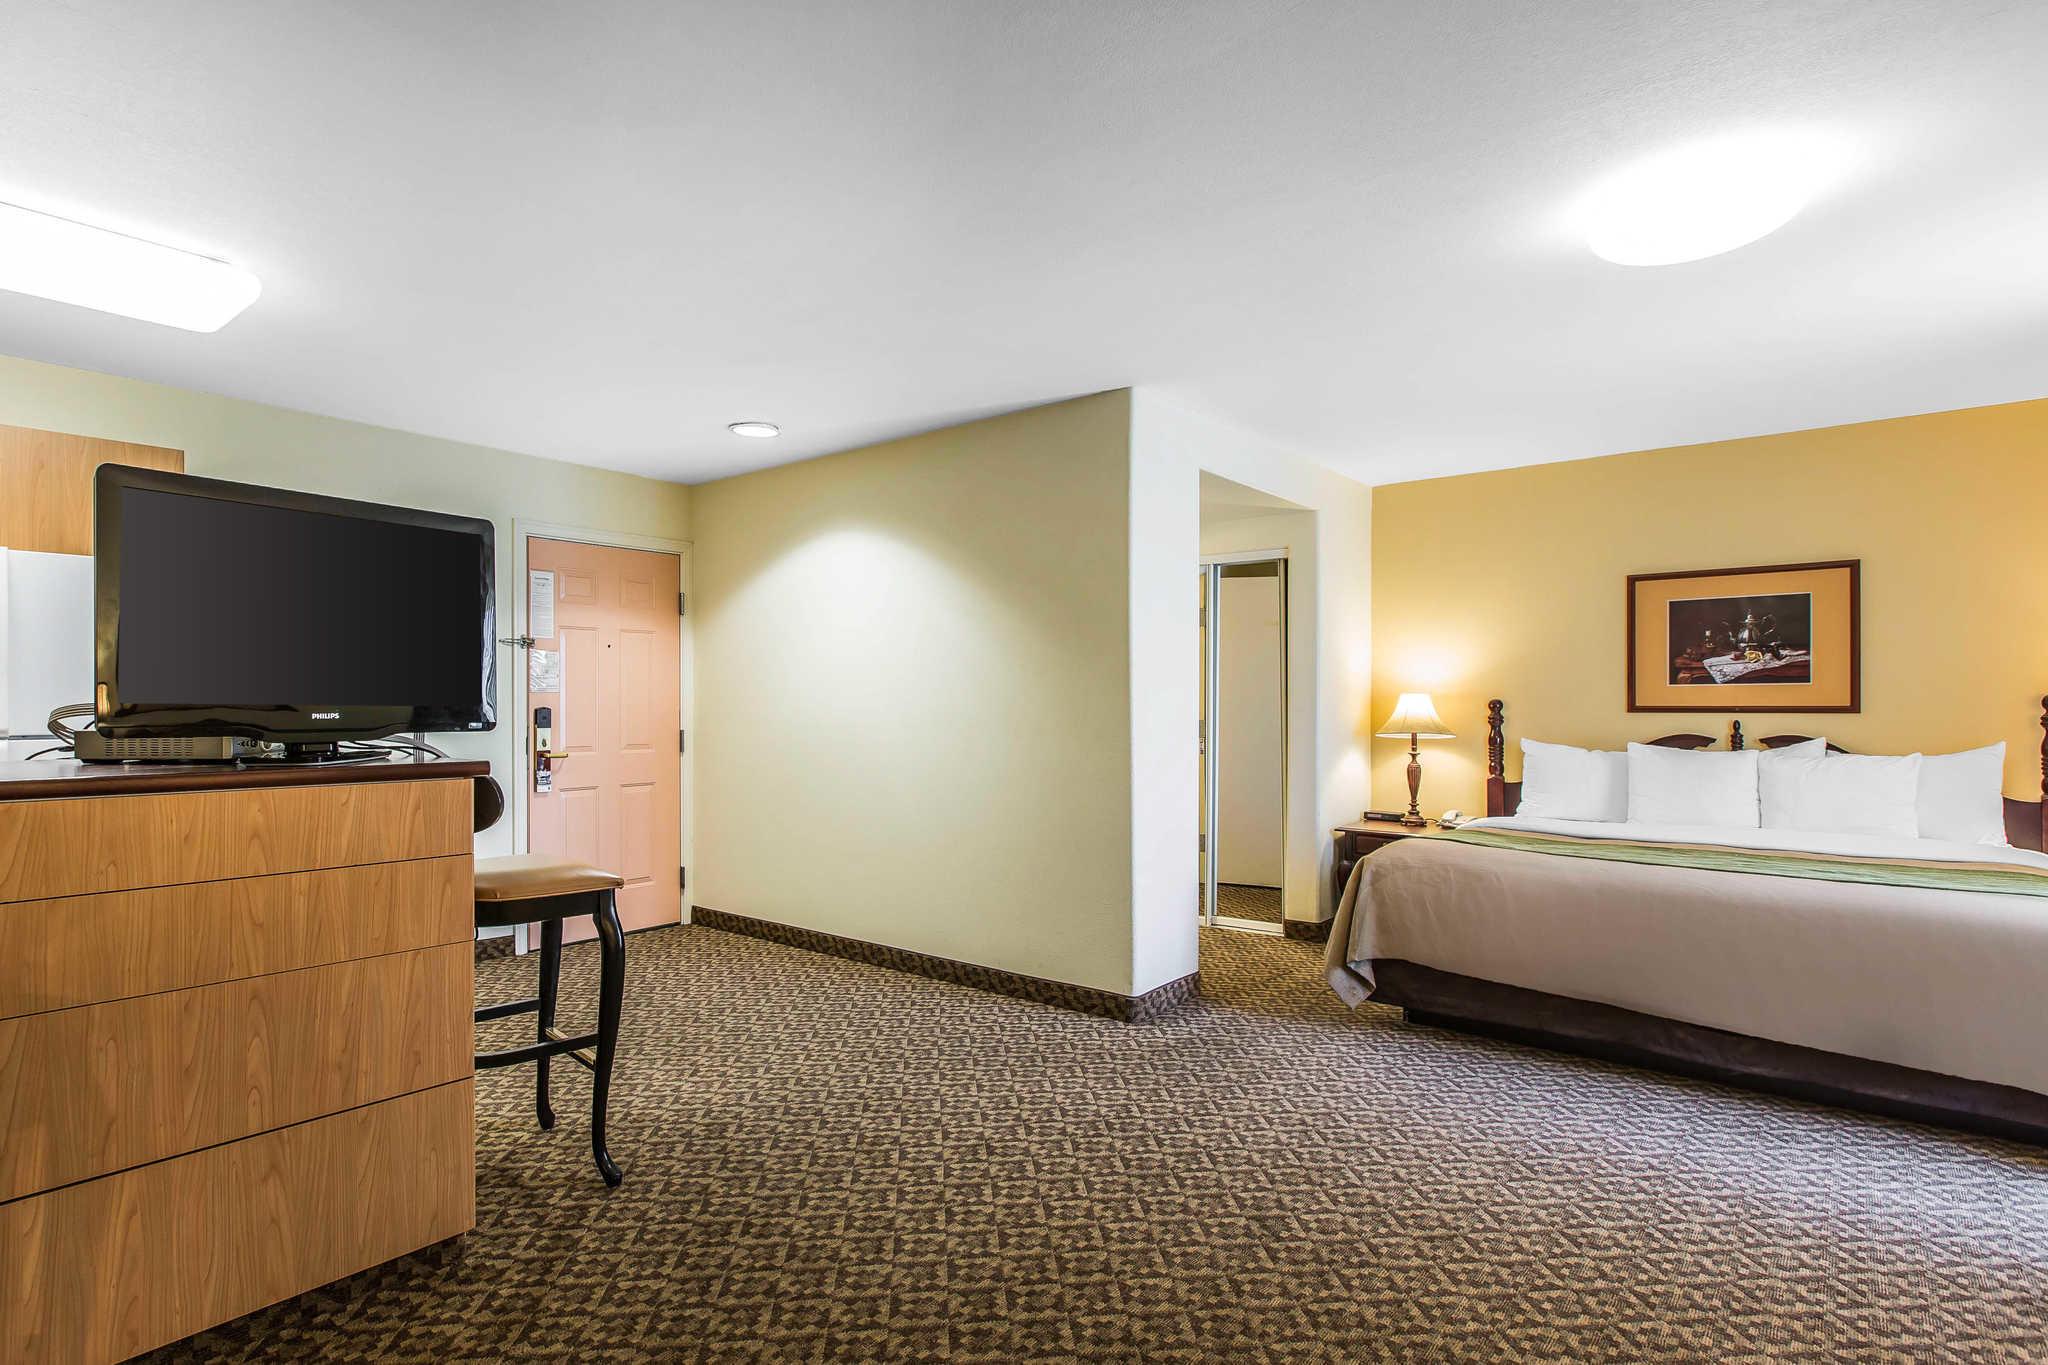 Comfort Inn & Suites El Centro I-8 image 8